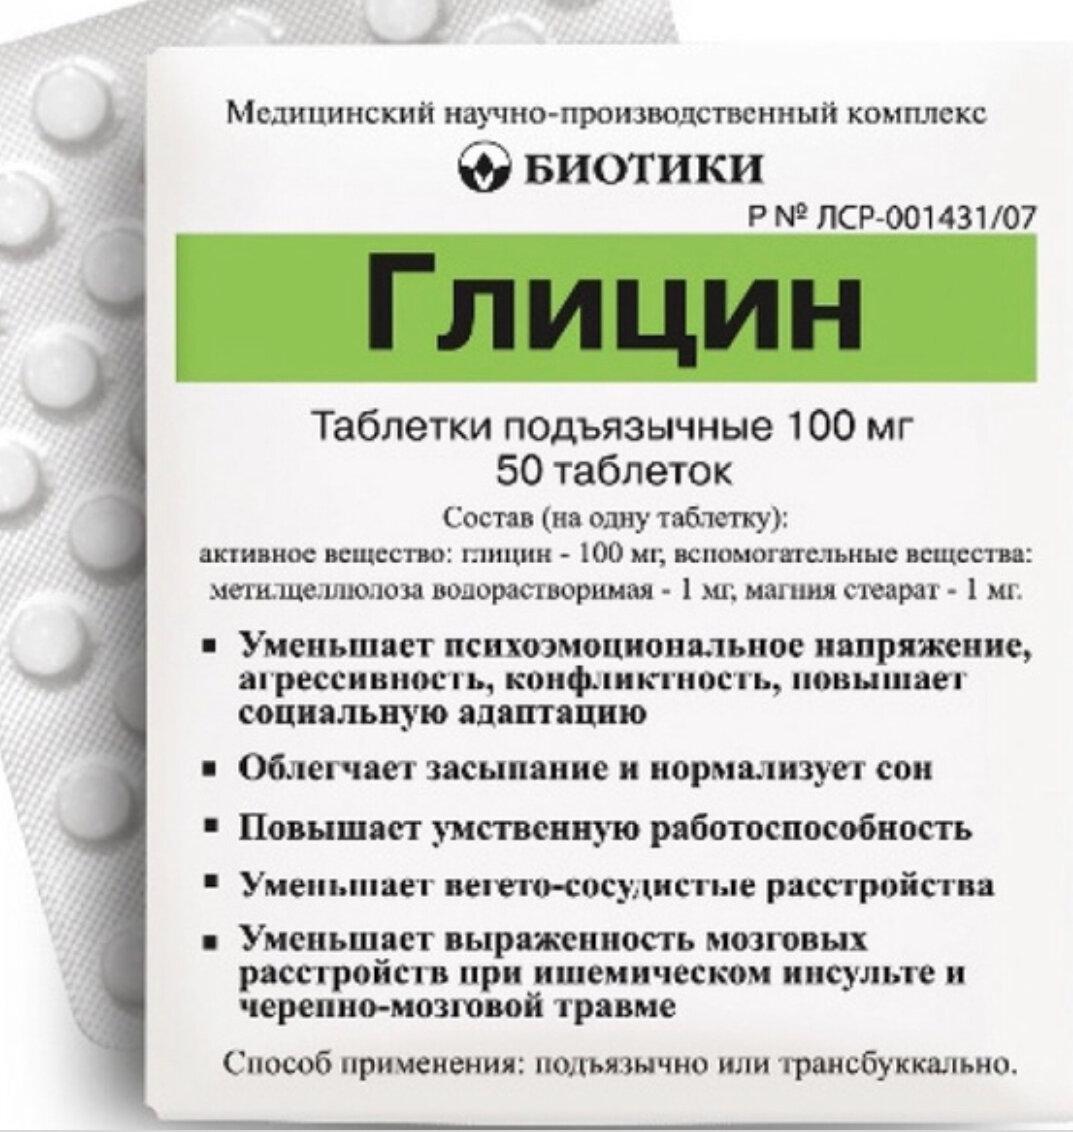 Глицин: как работает, полезные свойства и инструкция по применению